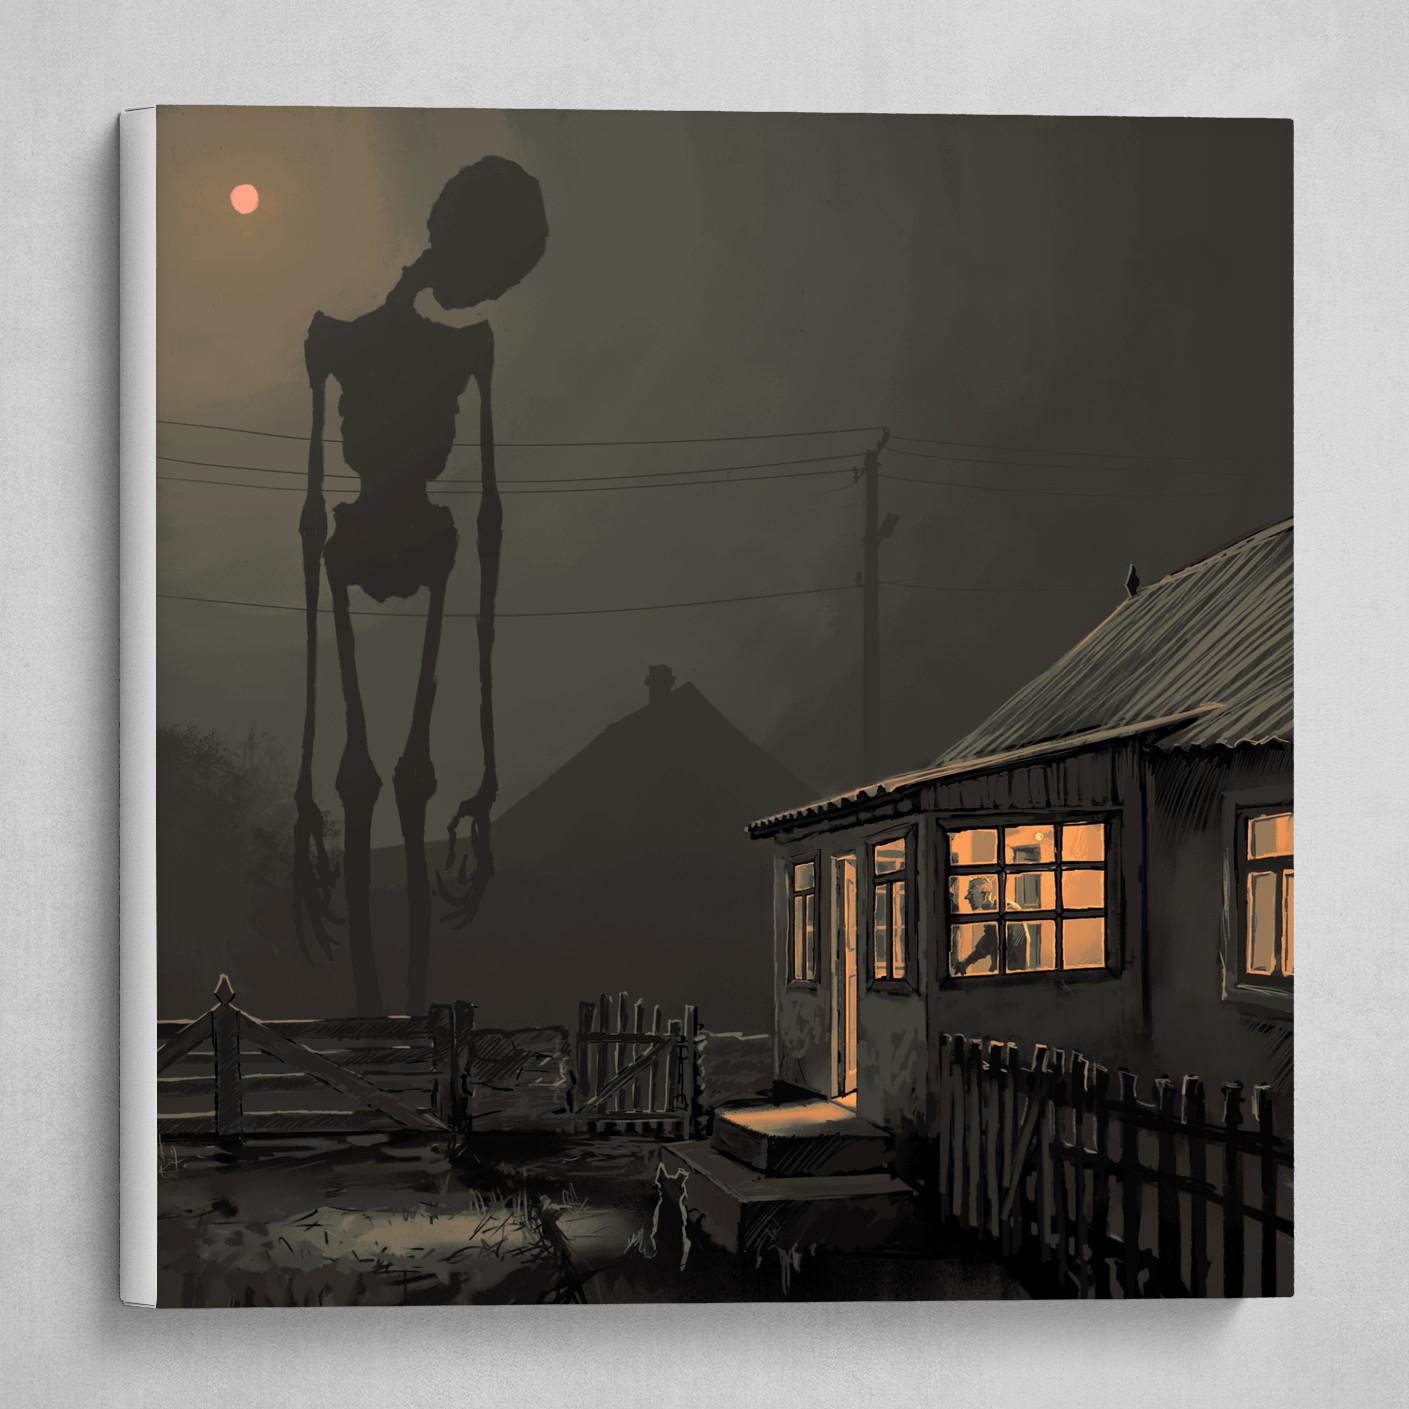 Night in a village 2